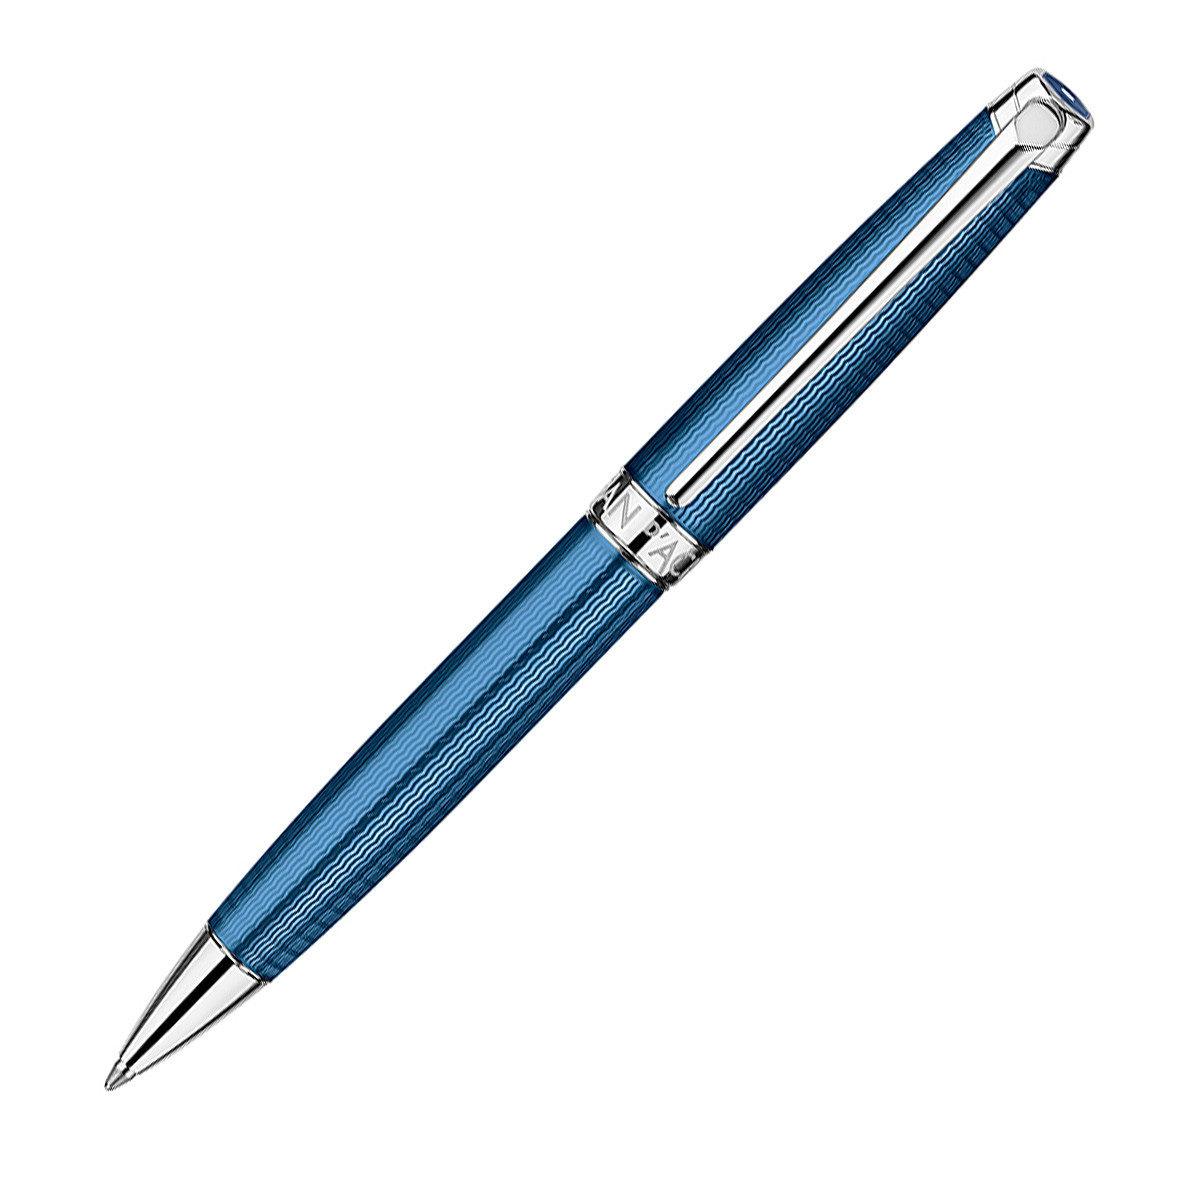 Kugelschreiber Léman Grand Bleu, Caran d'Ache